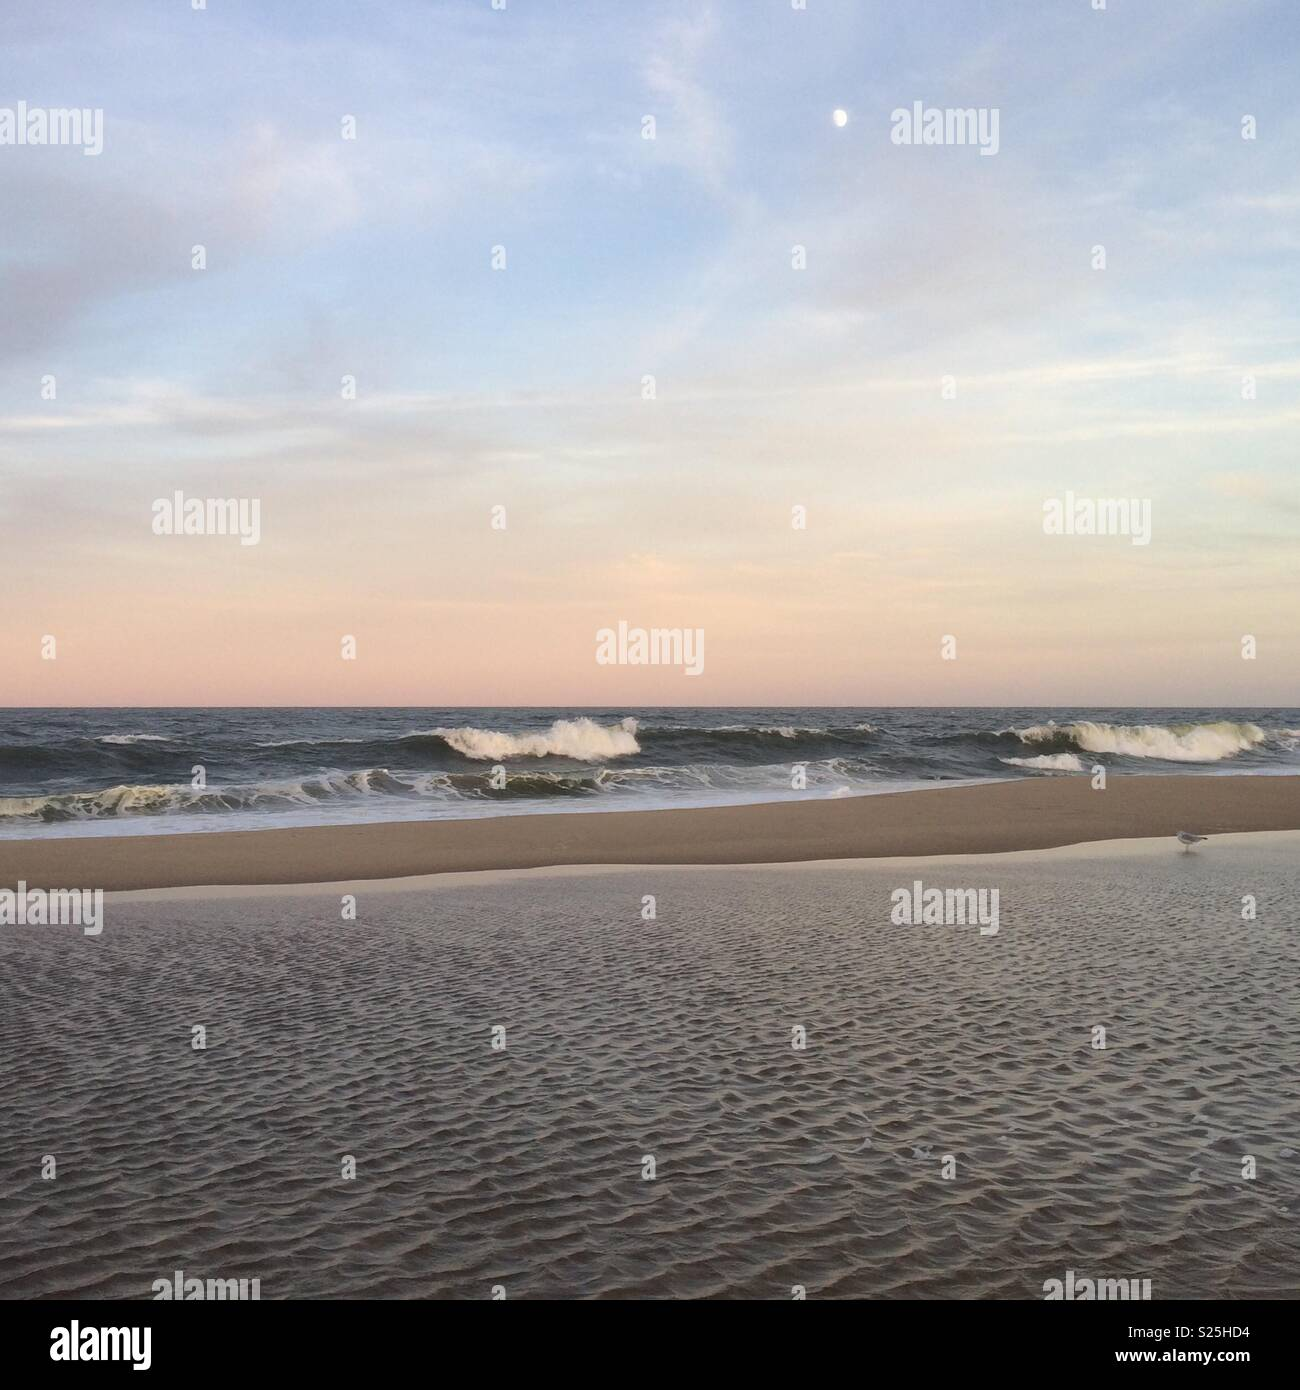 Ein Blick Auf Einen Ruhigen Strand Bei Nacht Mit Einem Rosafarbenen